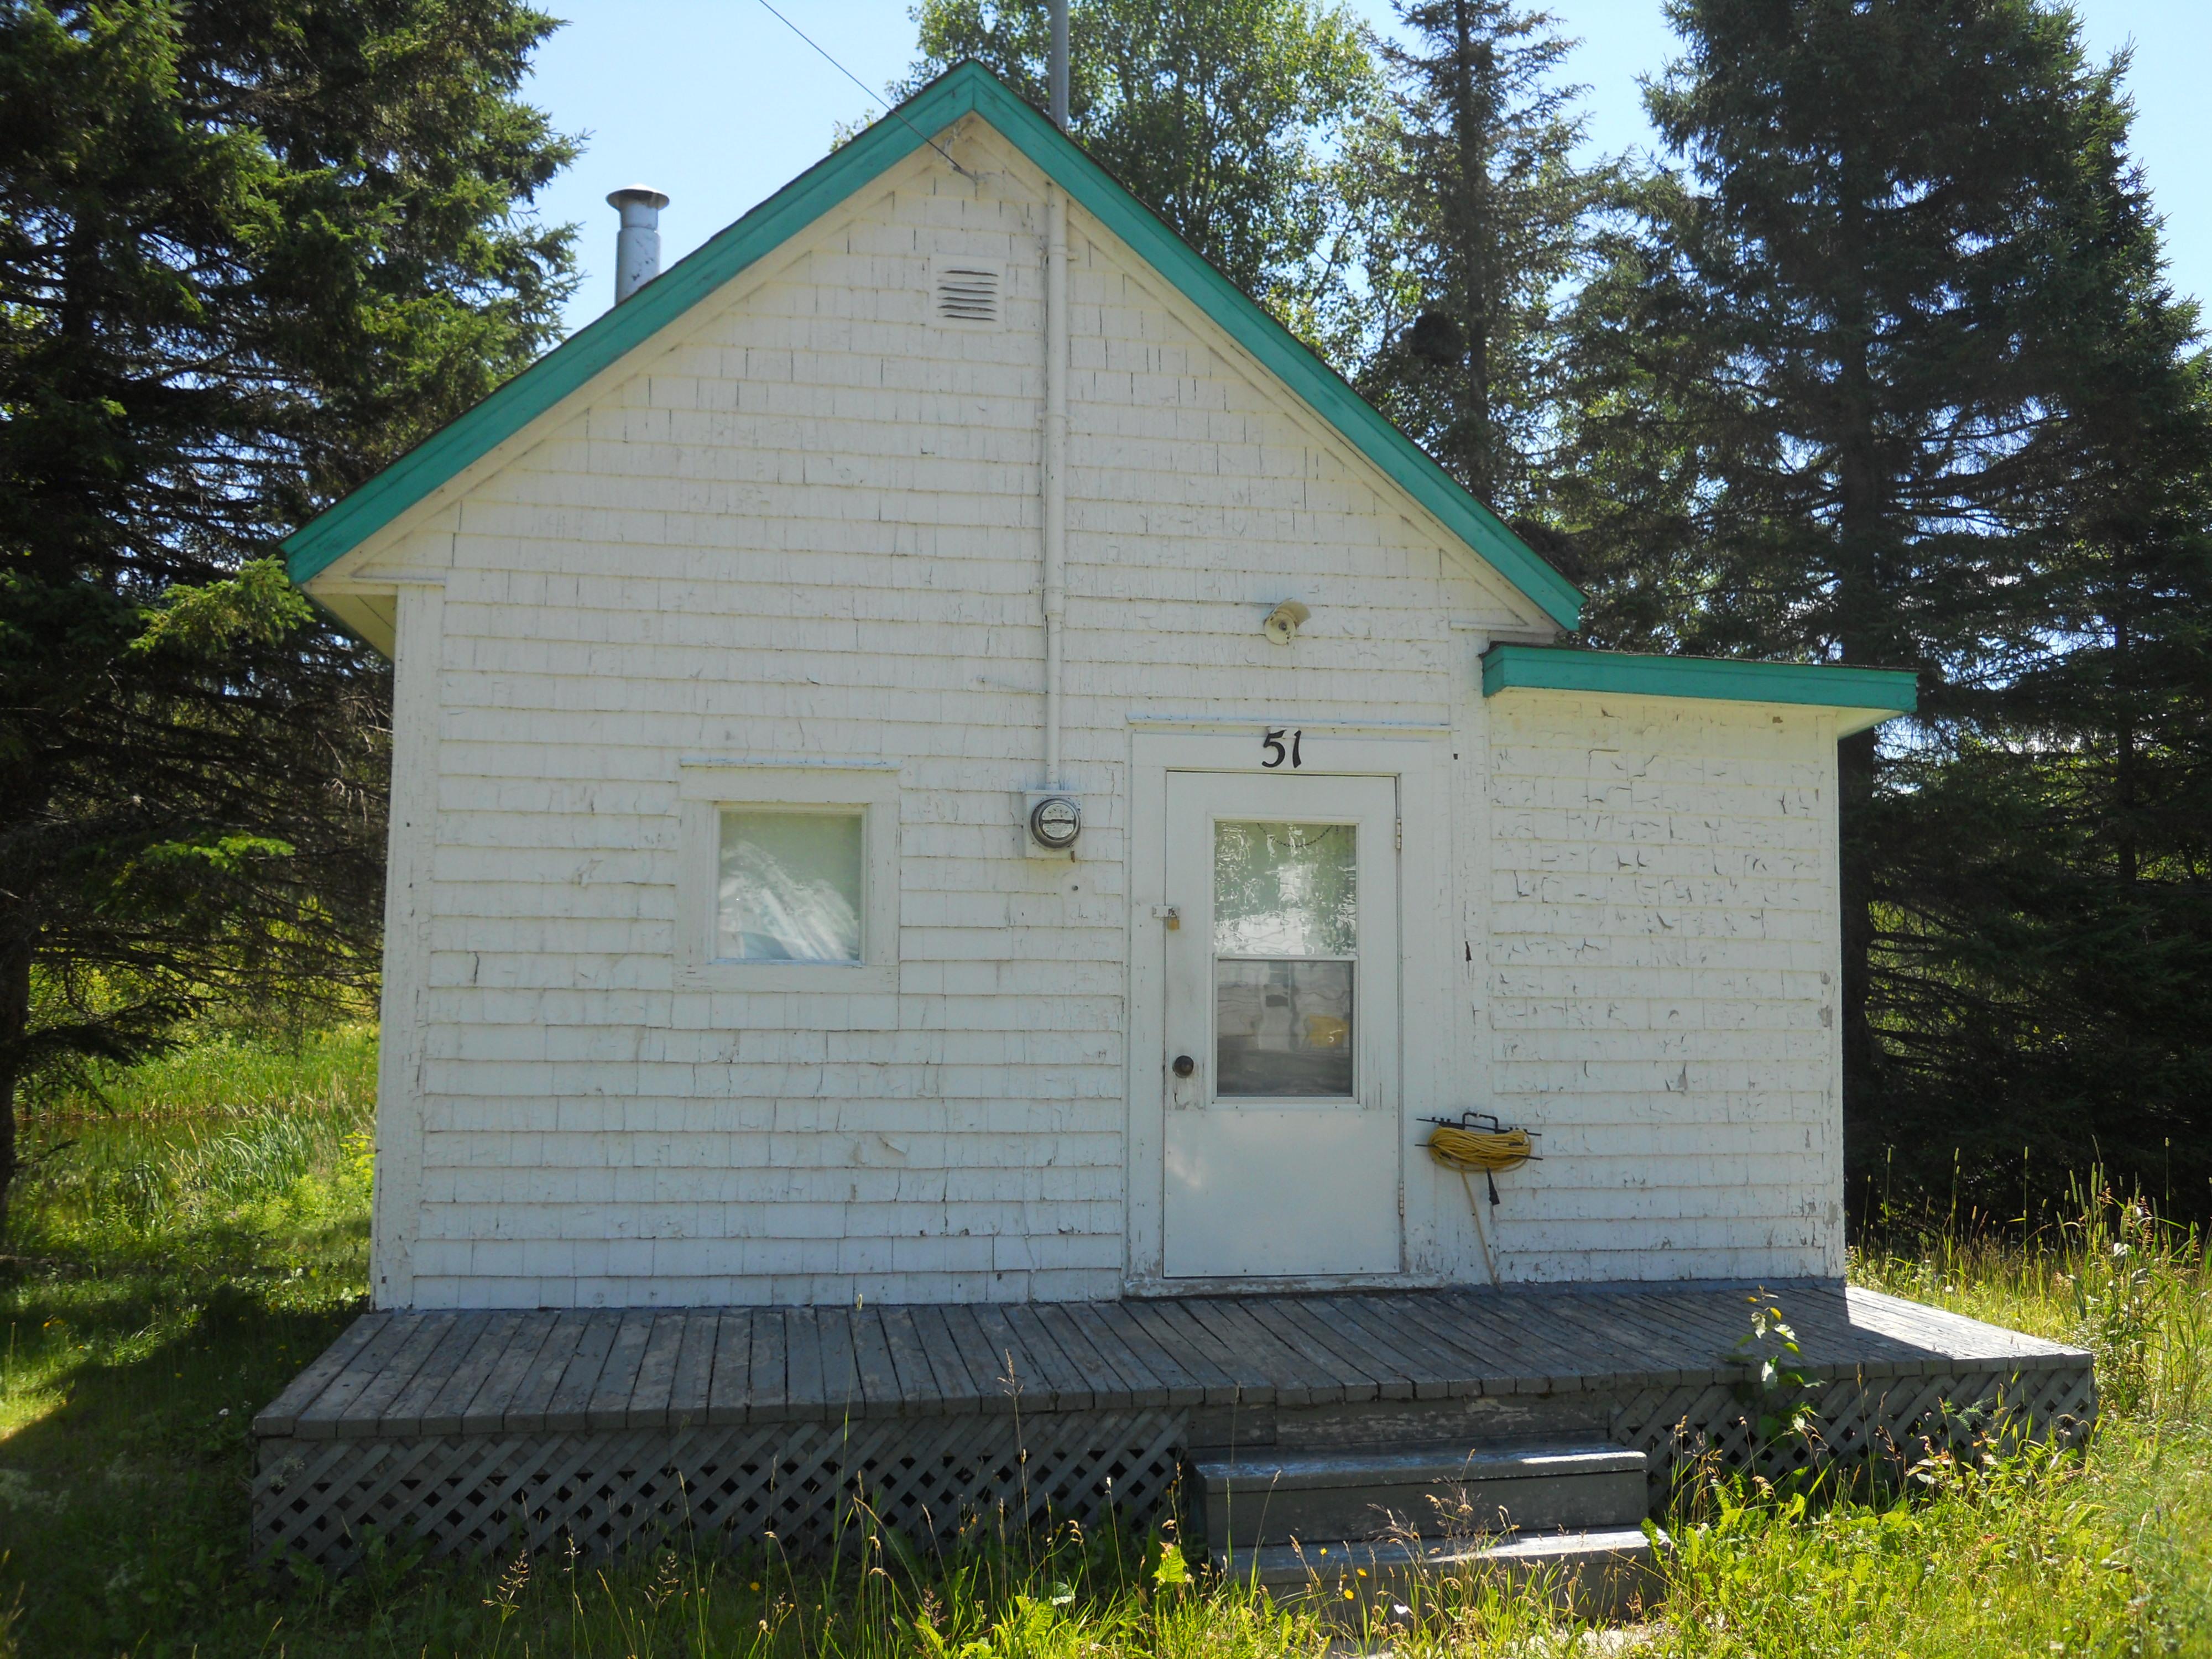 3324 - 51, chemin du Lac-Linda